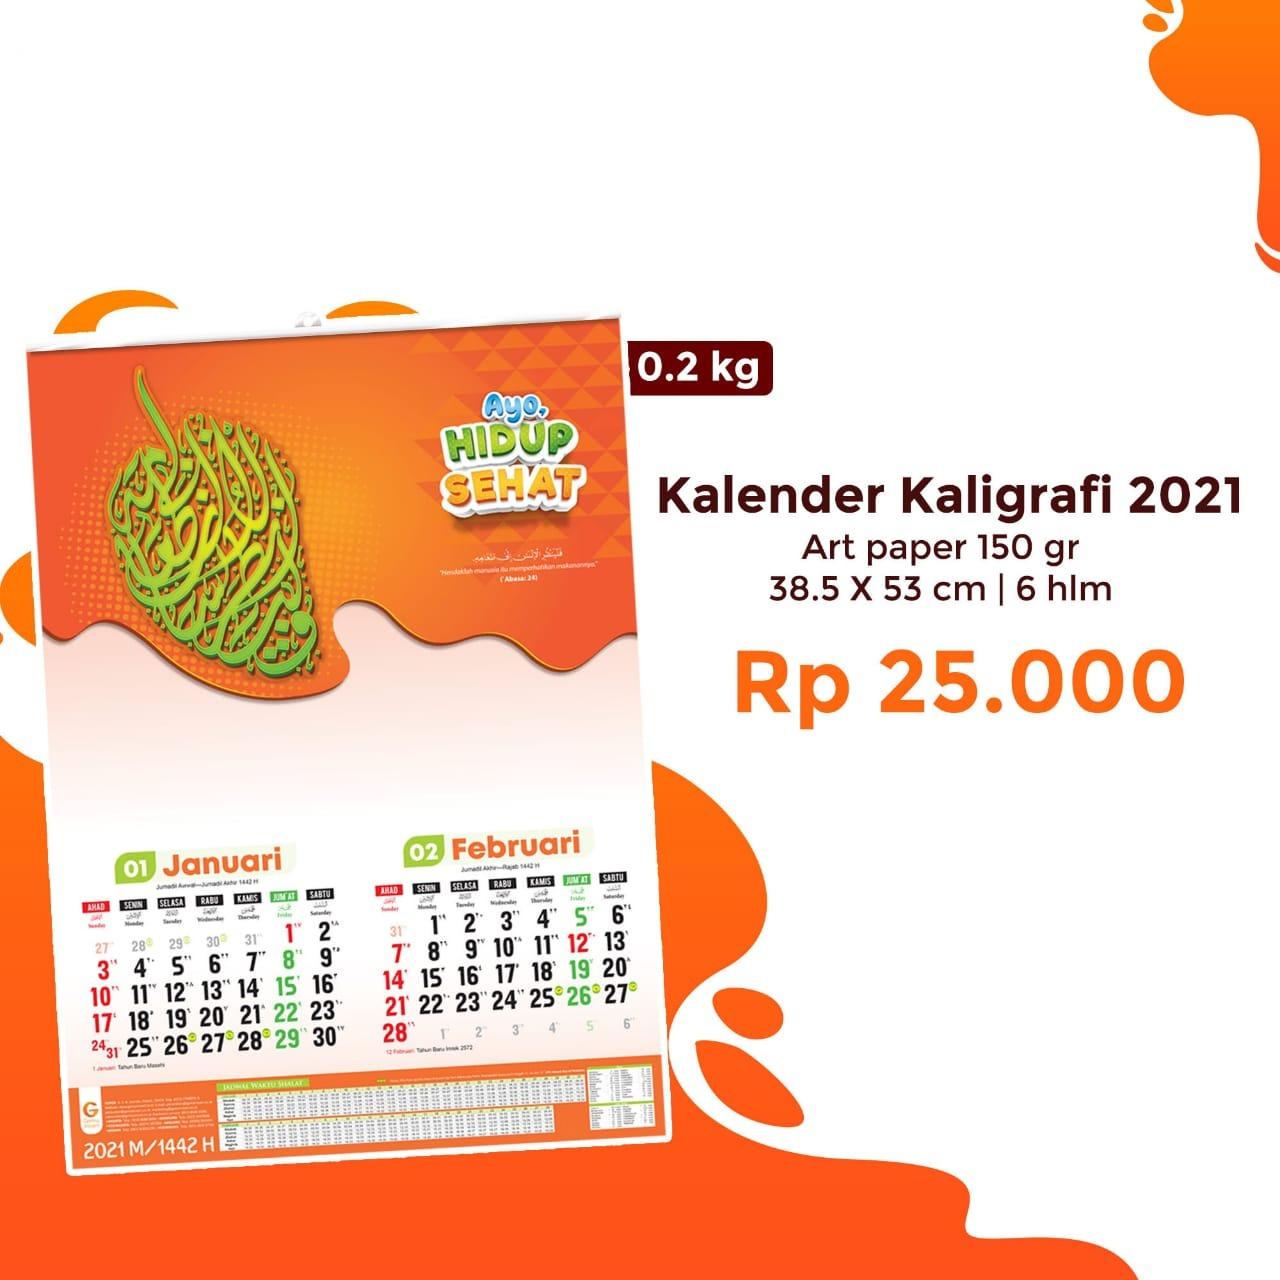 Kalender Kaligrafi